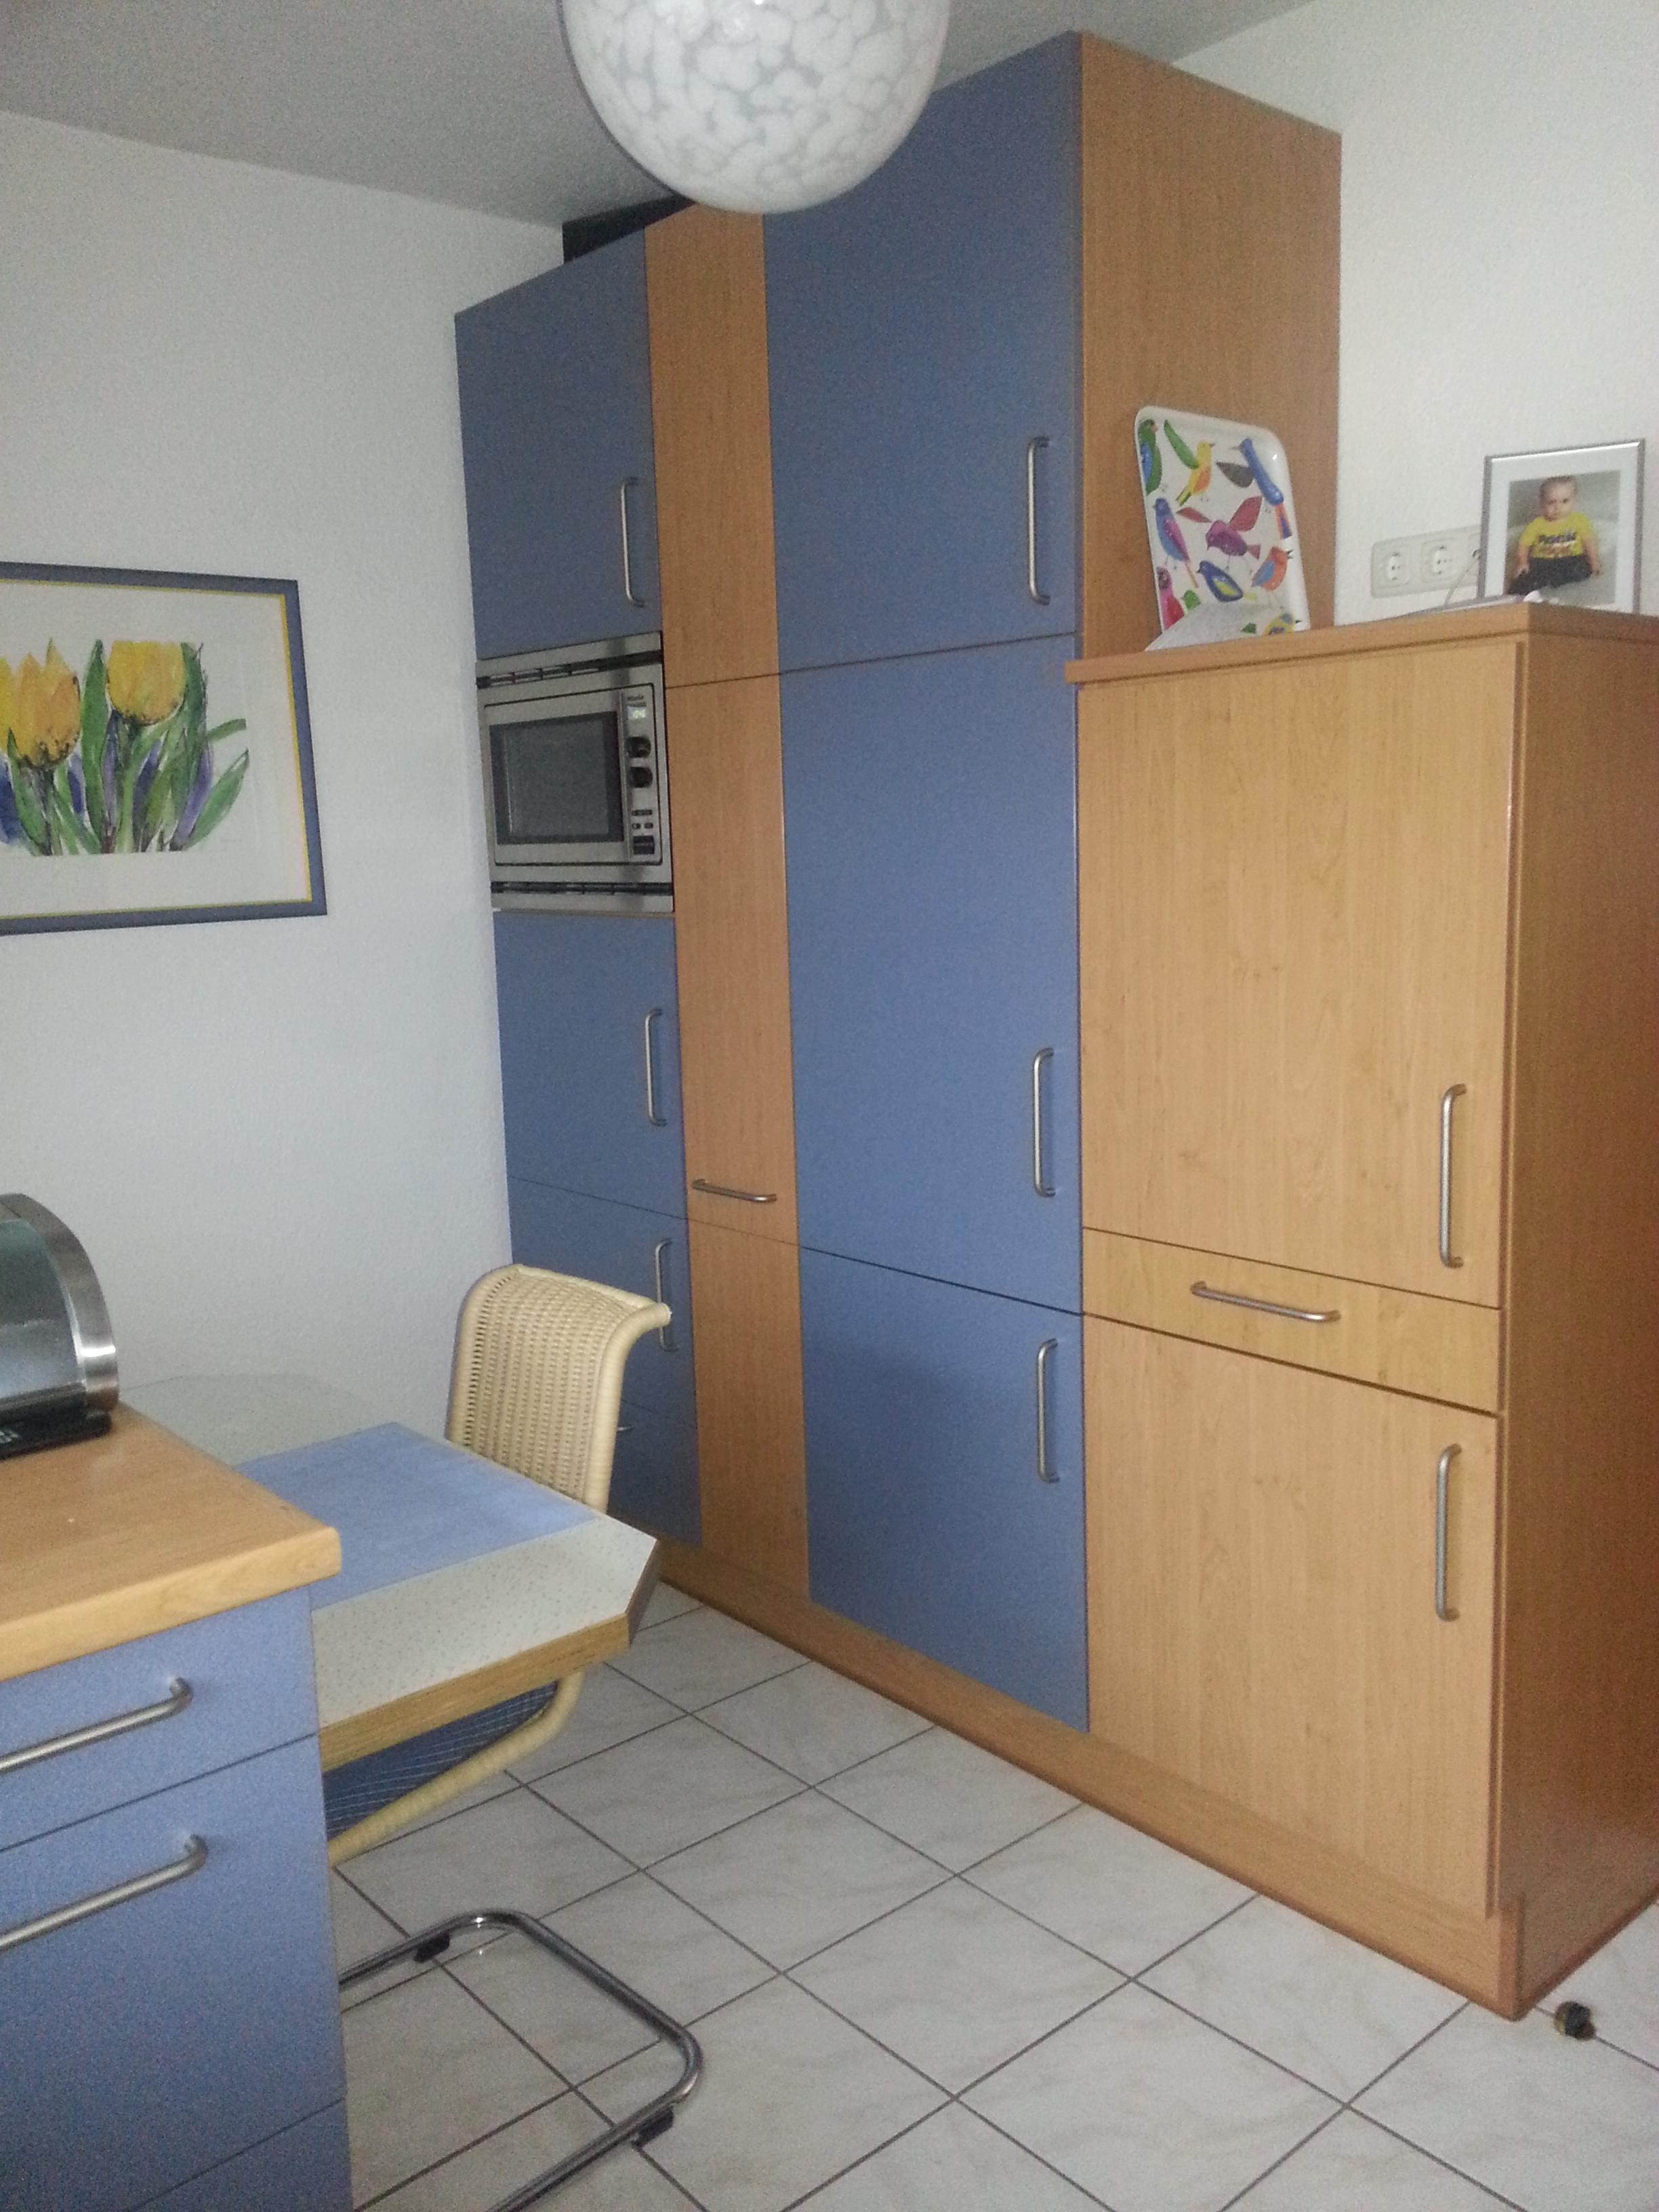 Küchenfronten Hochglanz | kochkor.info